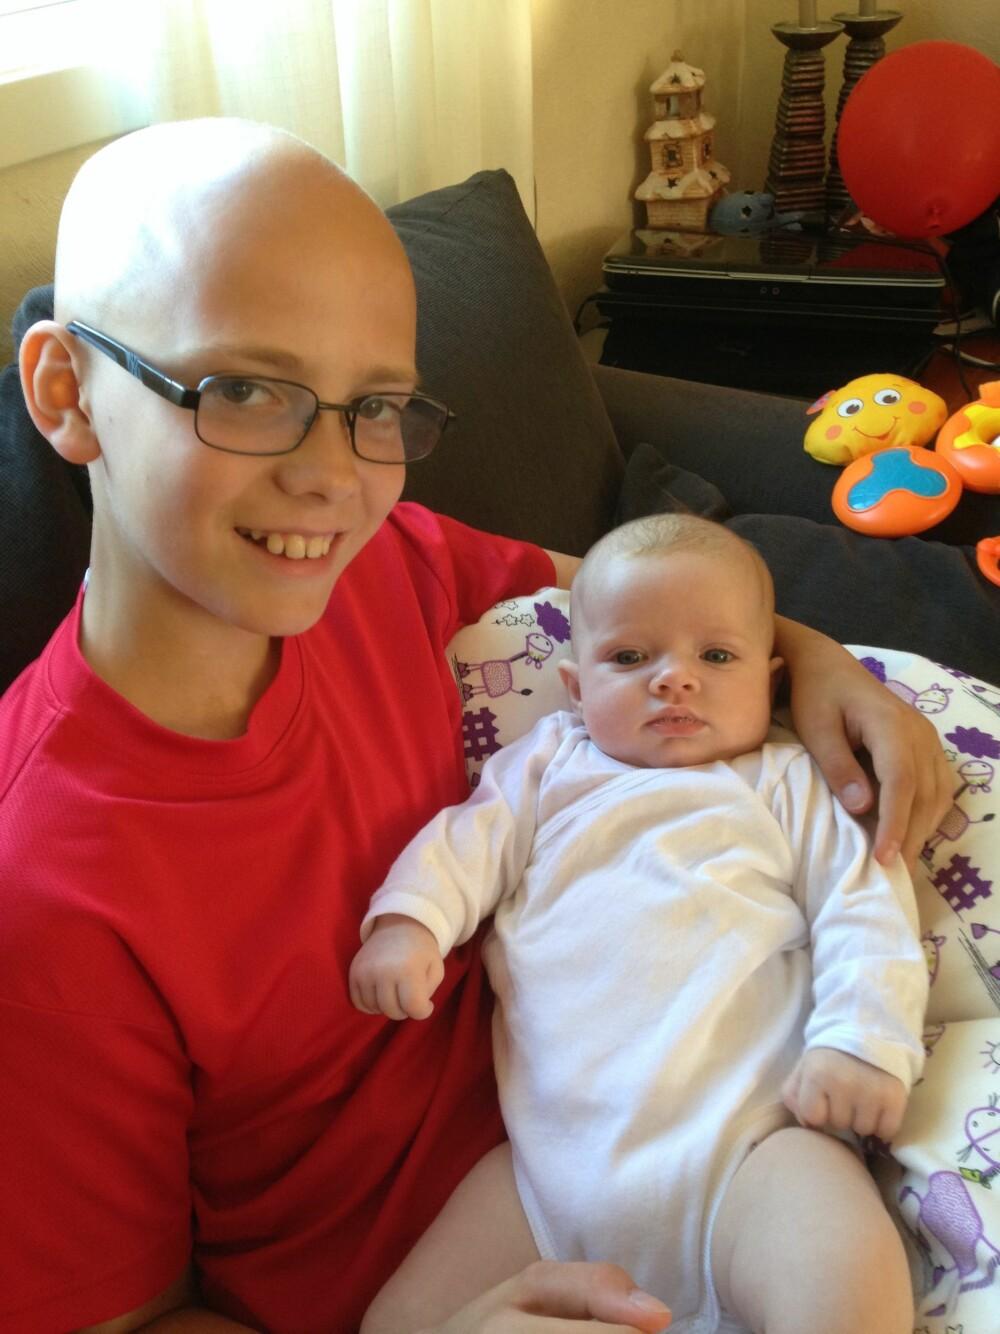 TAKLET DET BRA: Petter Jensen taklet det fint da han mistet håret. Familien tror det har mye å gjøre med hvor åpen han valgte å være.